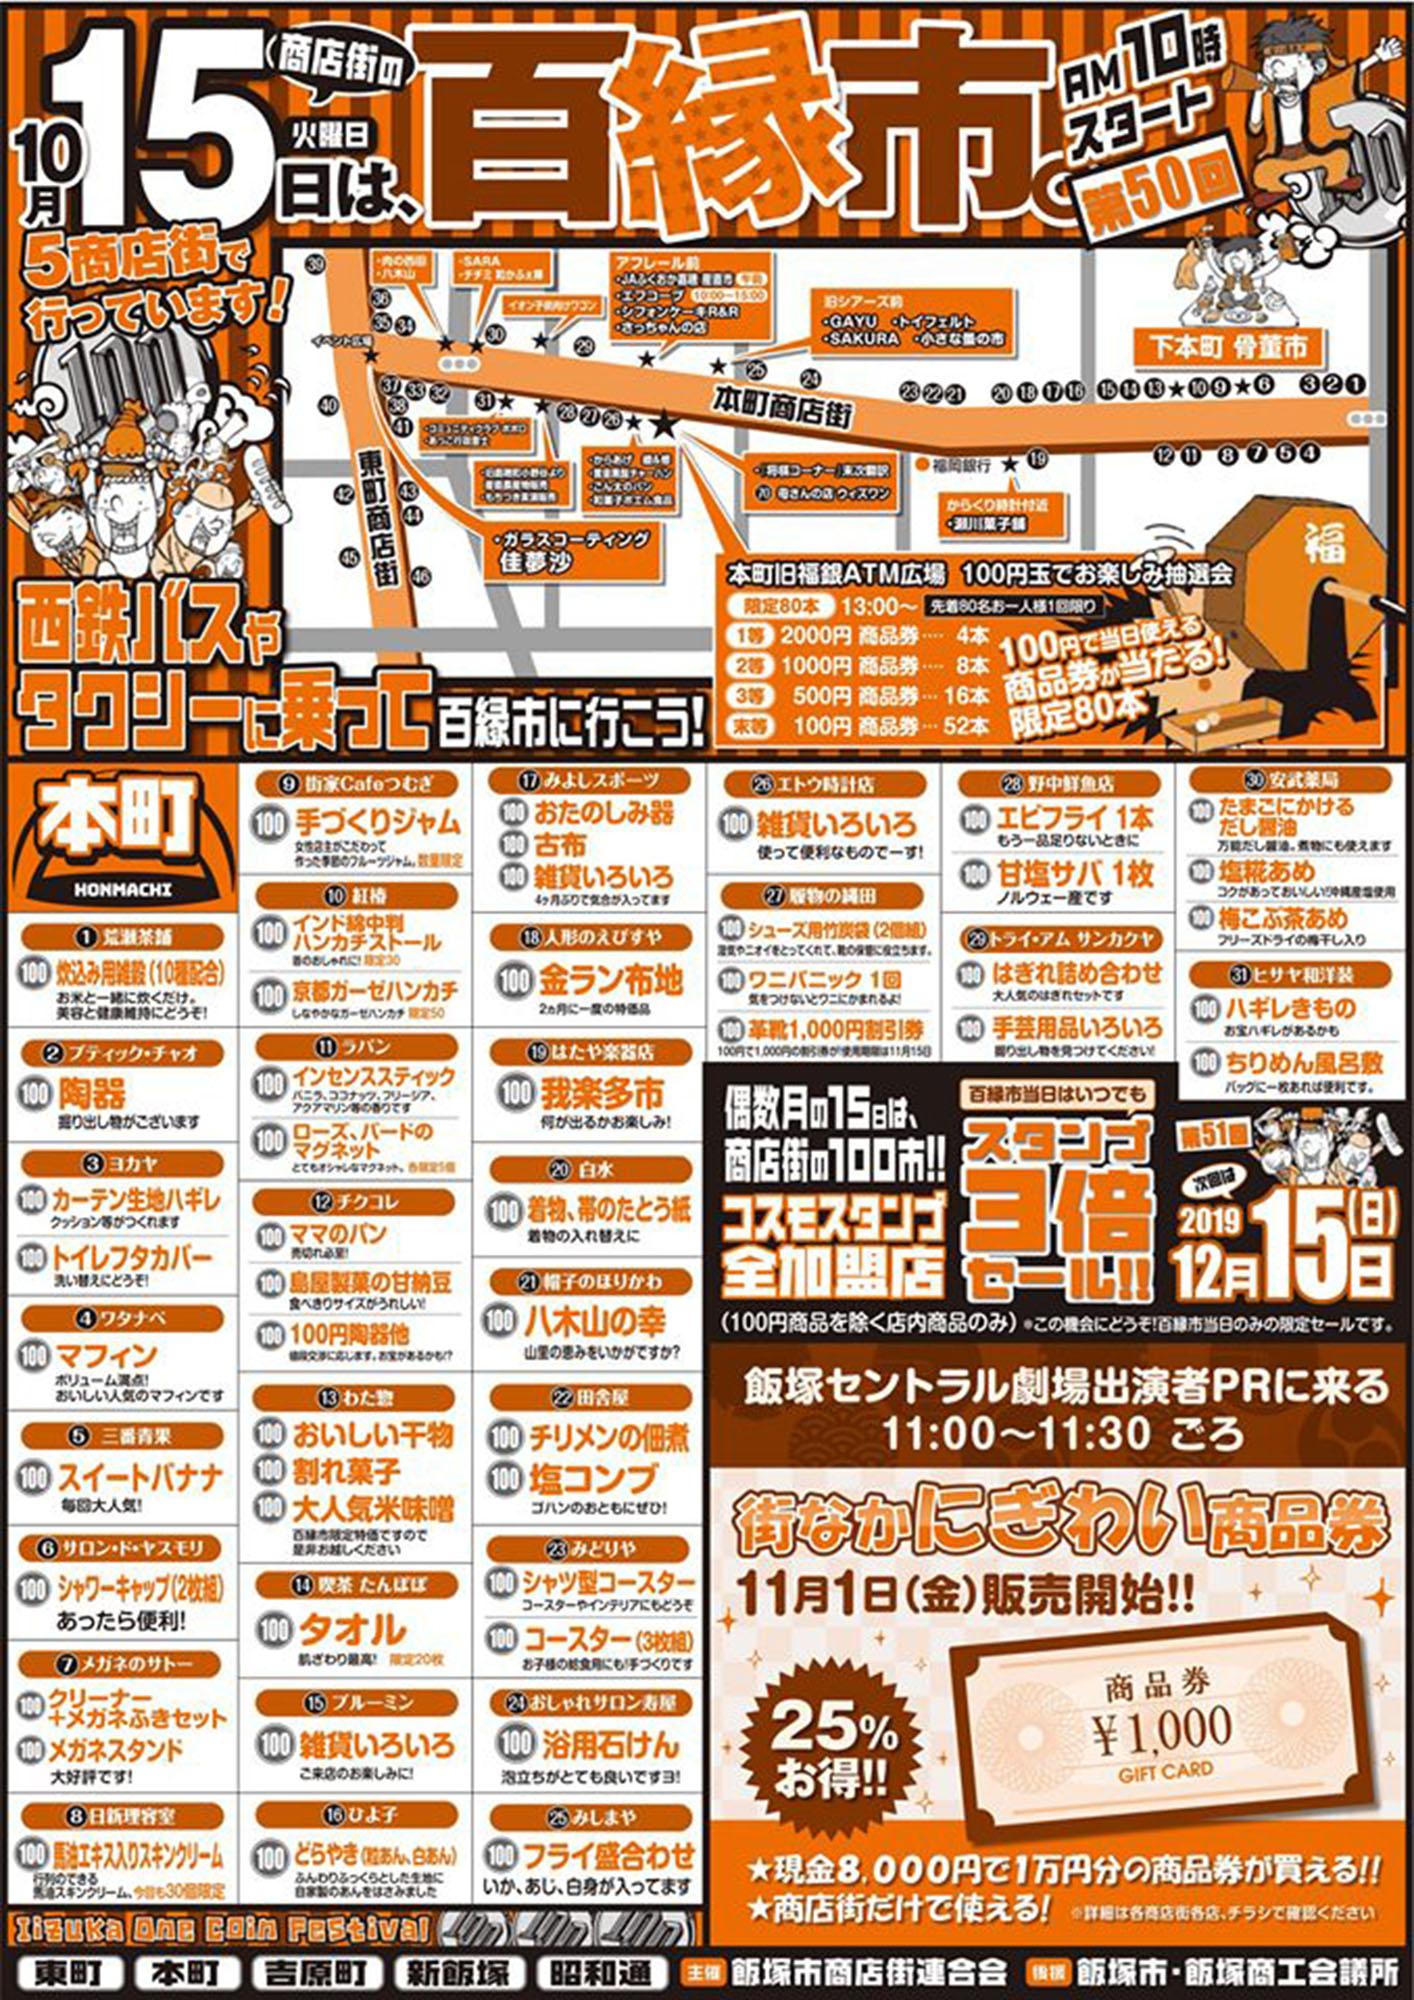 第50回 飯塚市商店街 百縁市